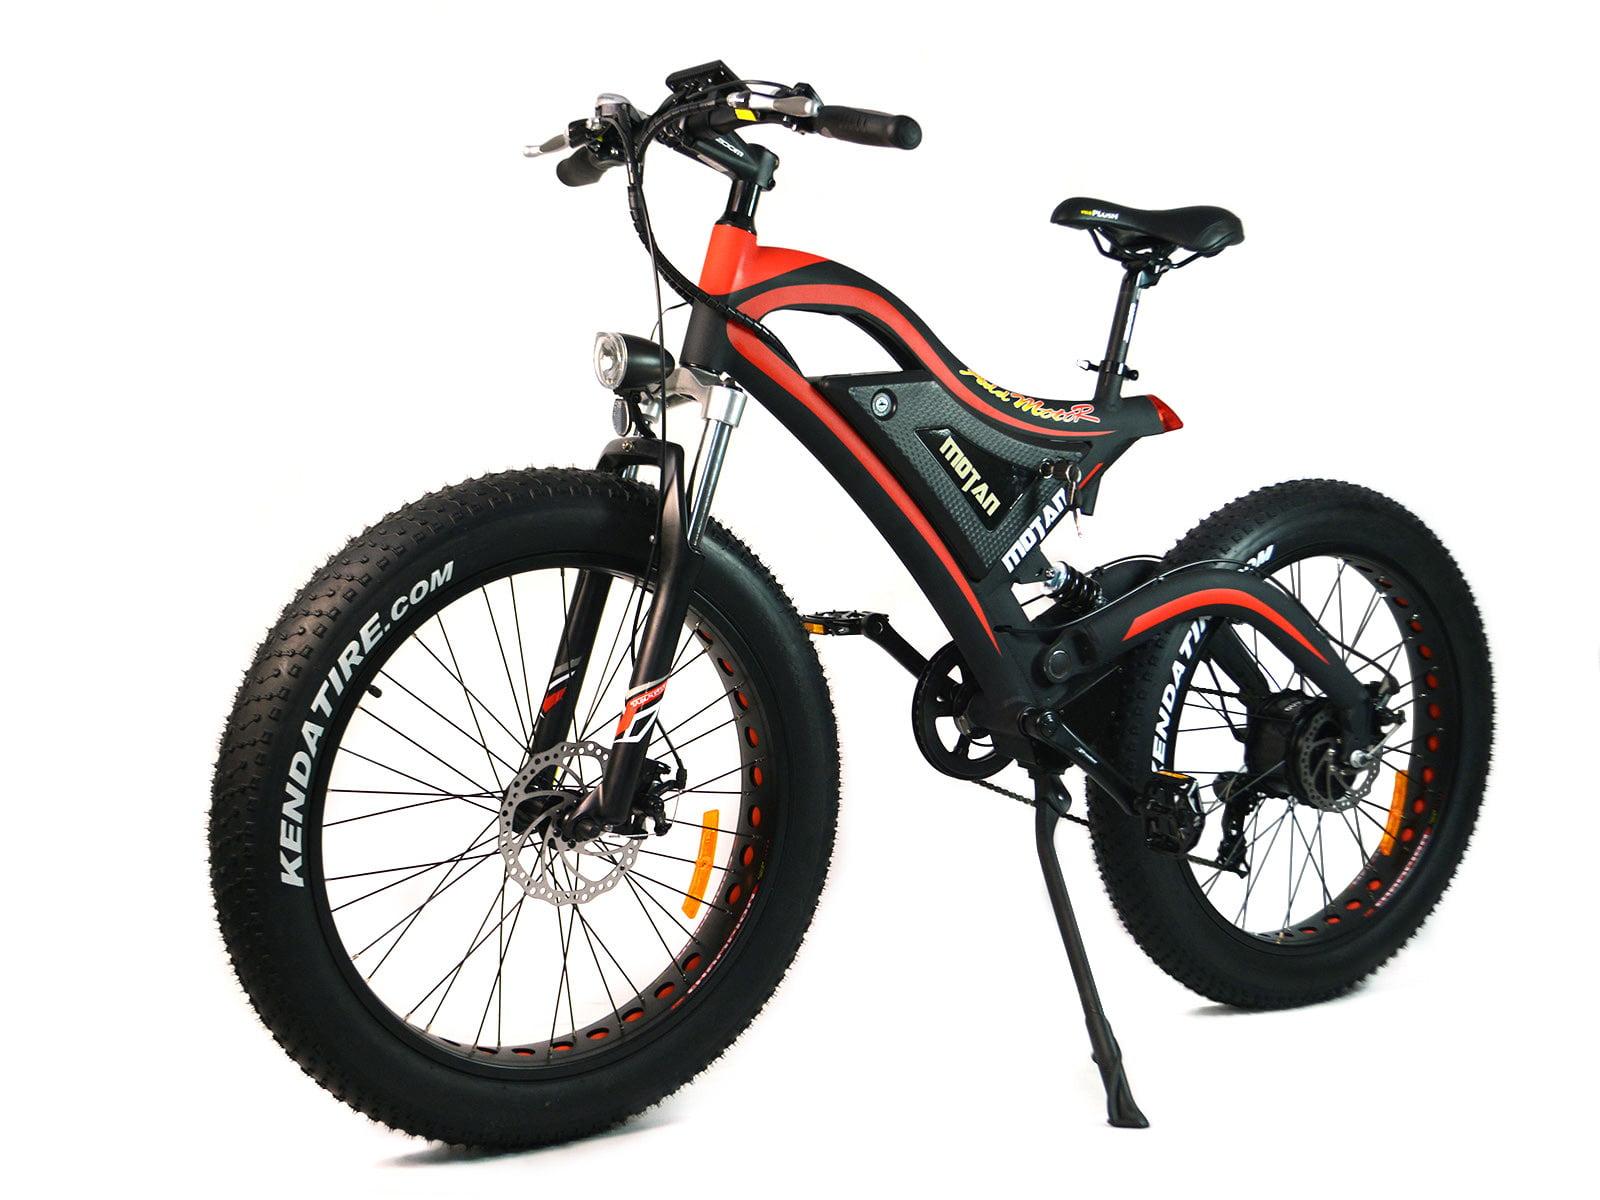 Addmotor MOTAN M-850 Red Fat Tire Fork Suspension E-Bike 500W 48V ...